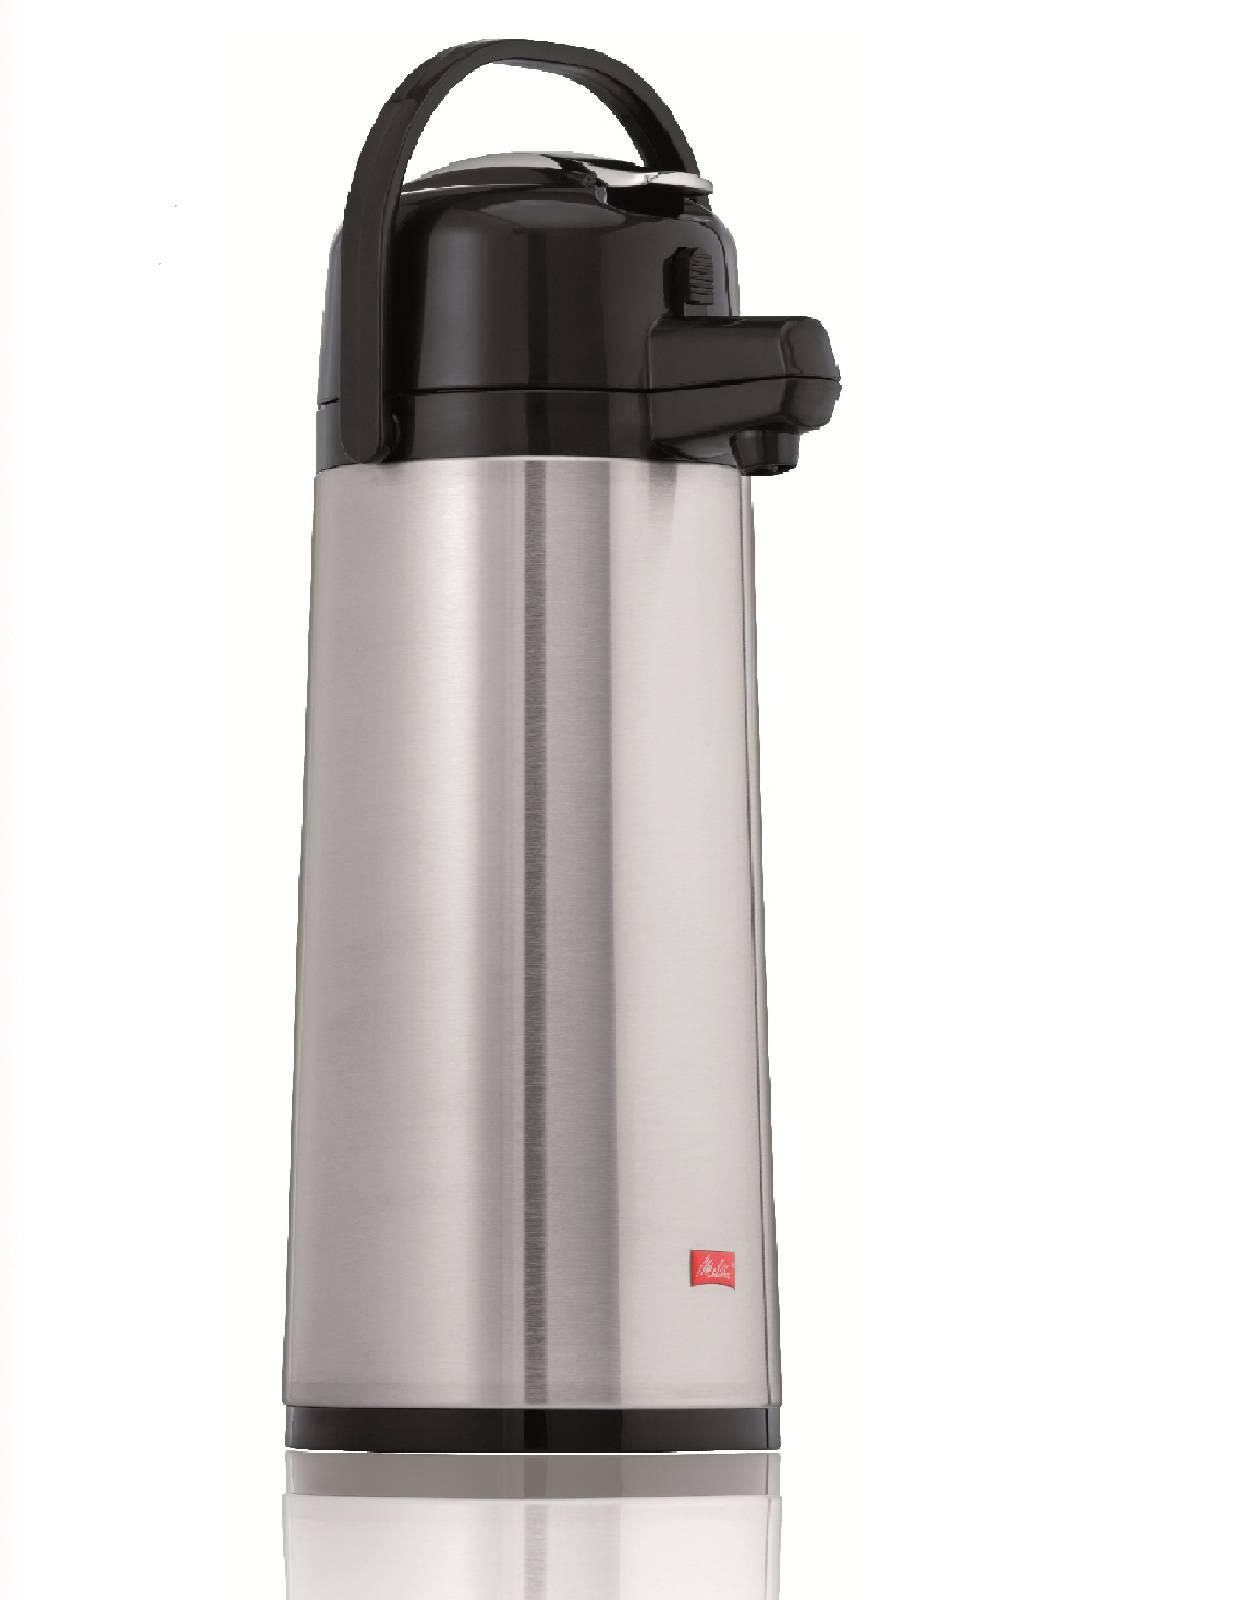 Melitta Thermoskanne Pumpkanne M 170 MT 2,2 L Airpotkanne mit Edelstahlkolben